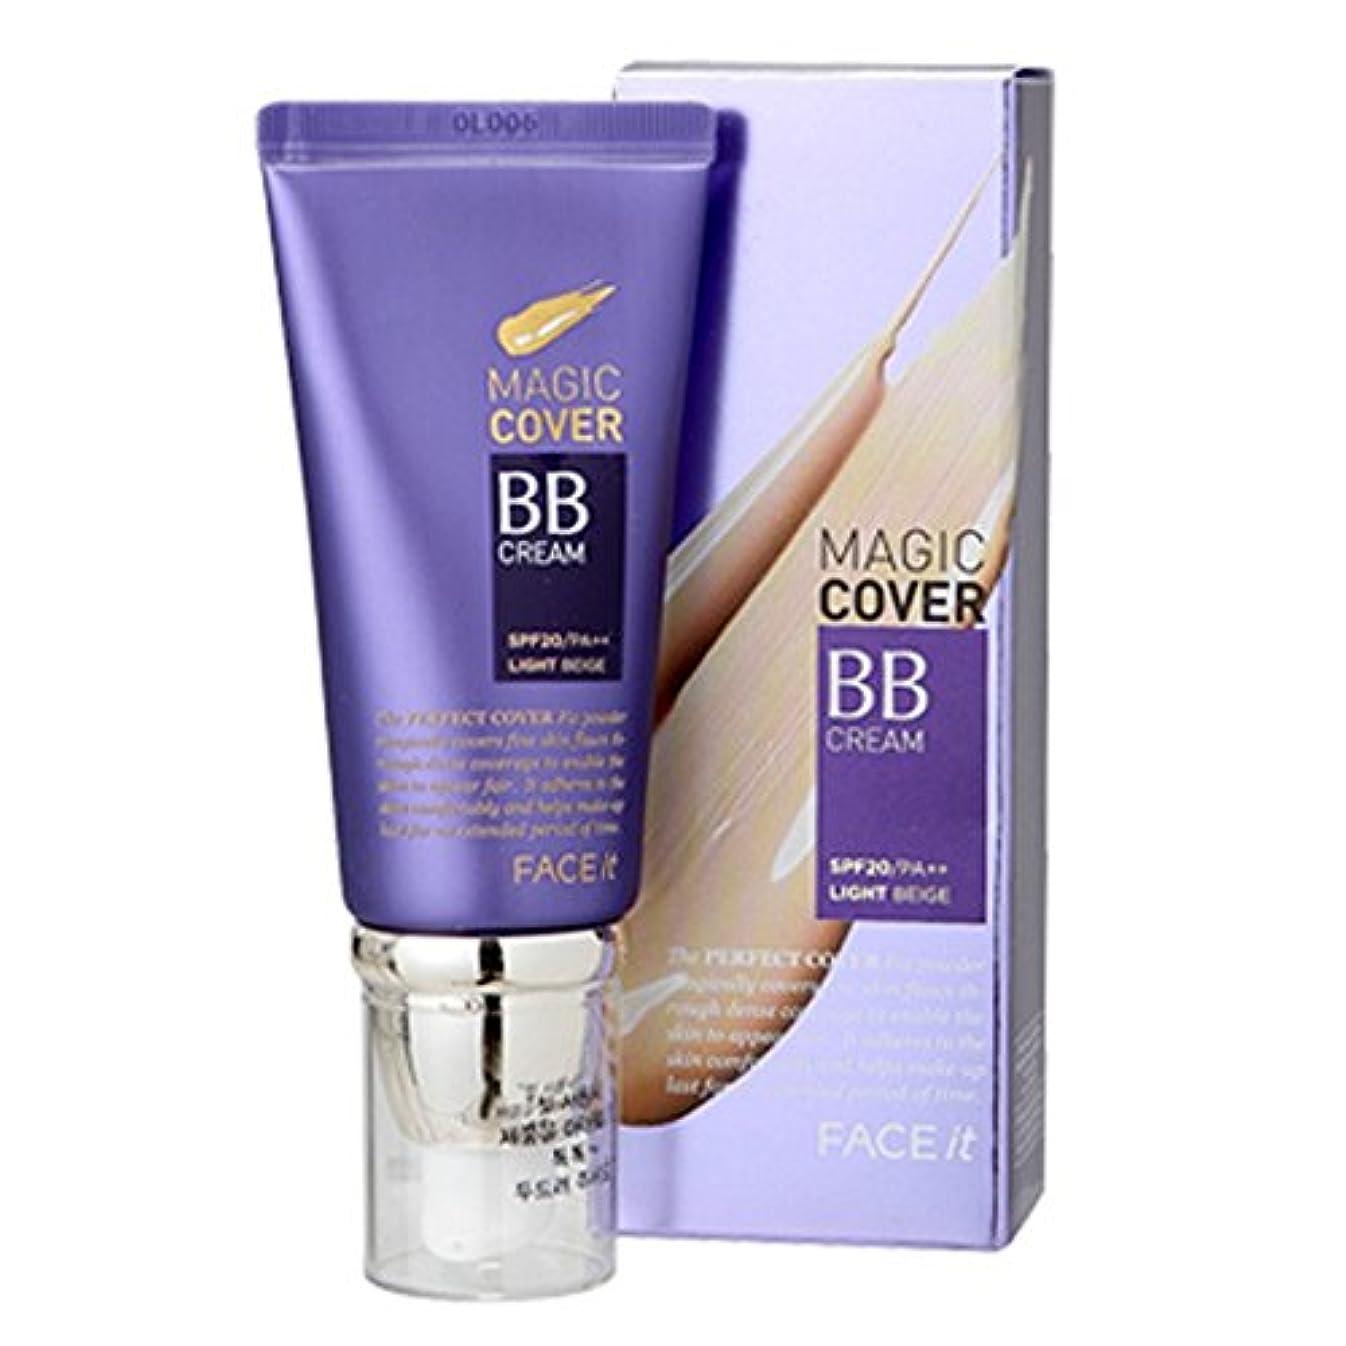 予想外この望むザフェイスショップ The Face Shop Face It Magic Cover BB Cream 45ml (01 Light Beige)